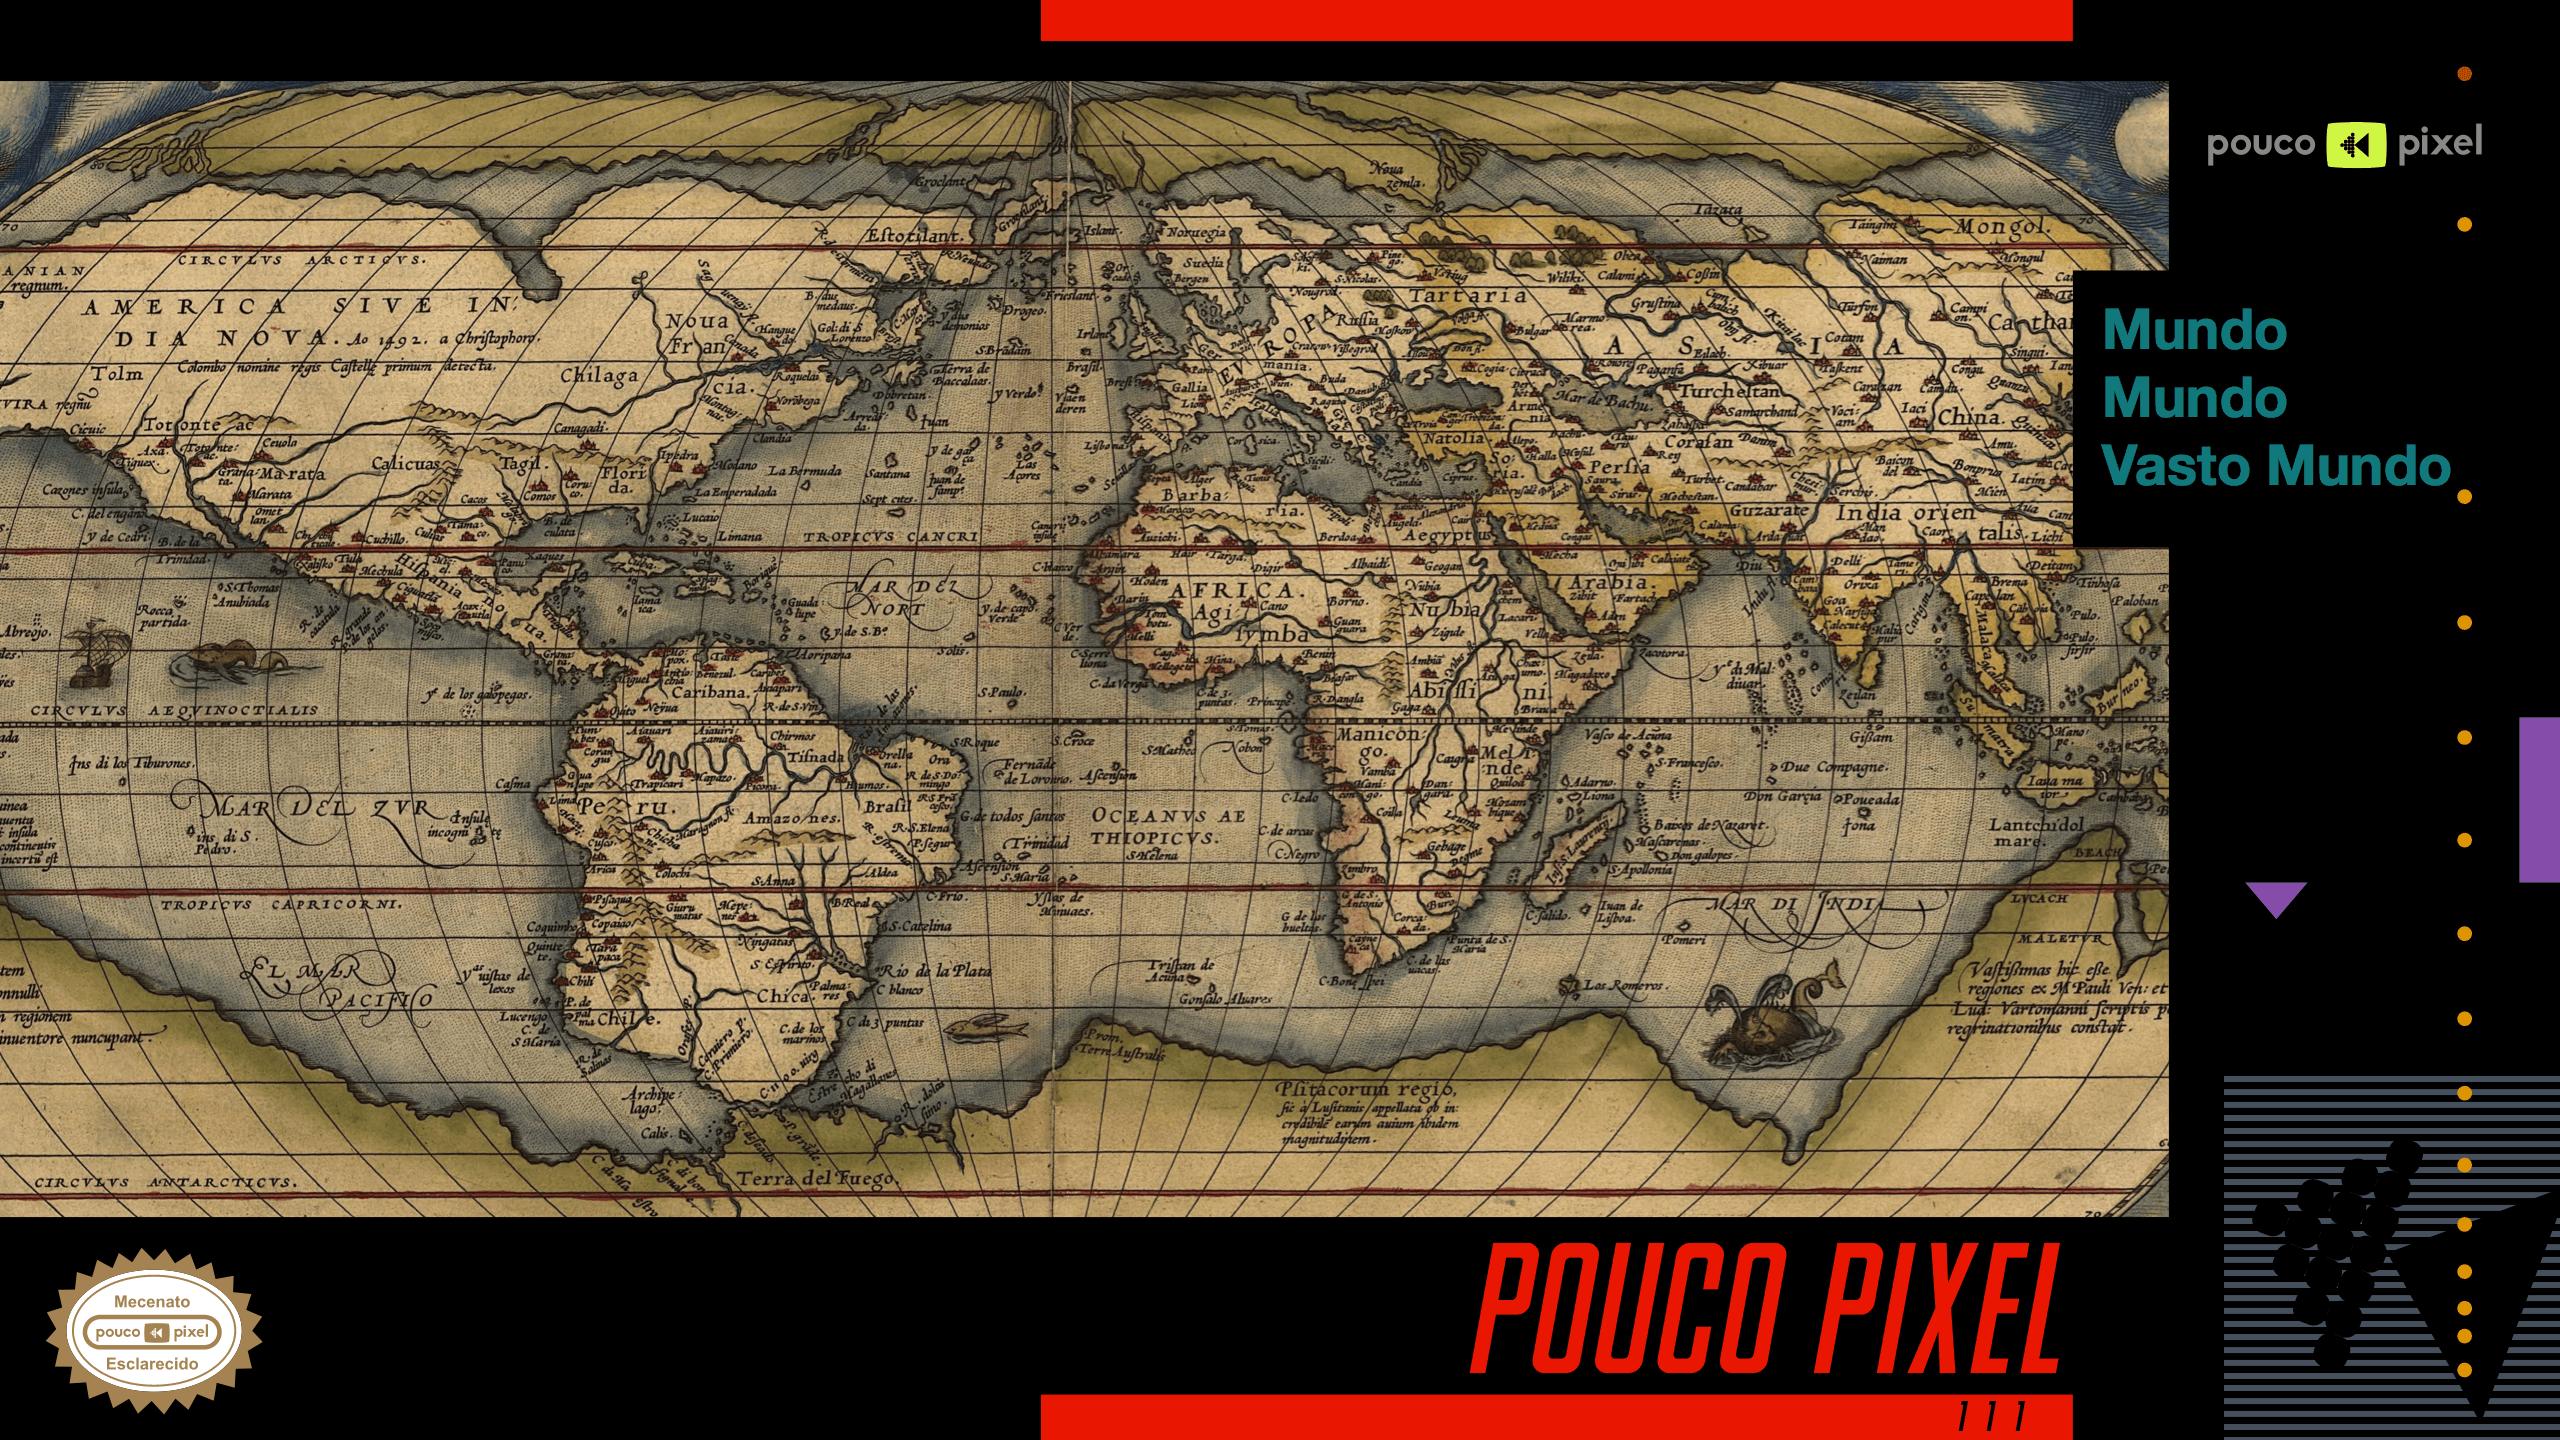 Capa - Mundo mundo vasto mundo